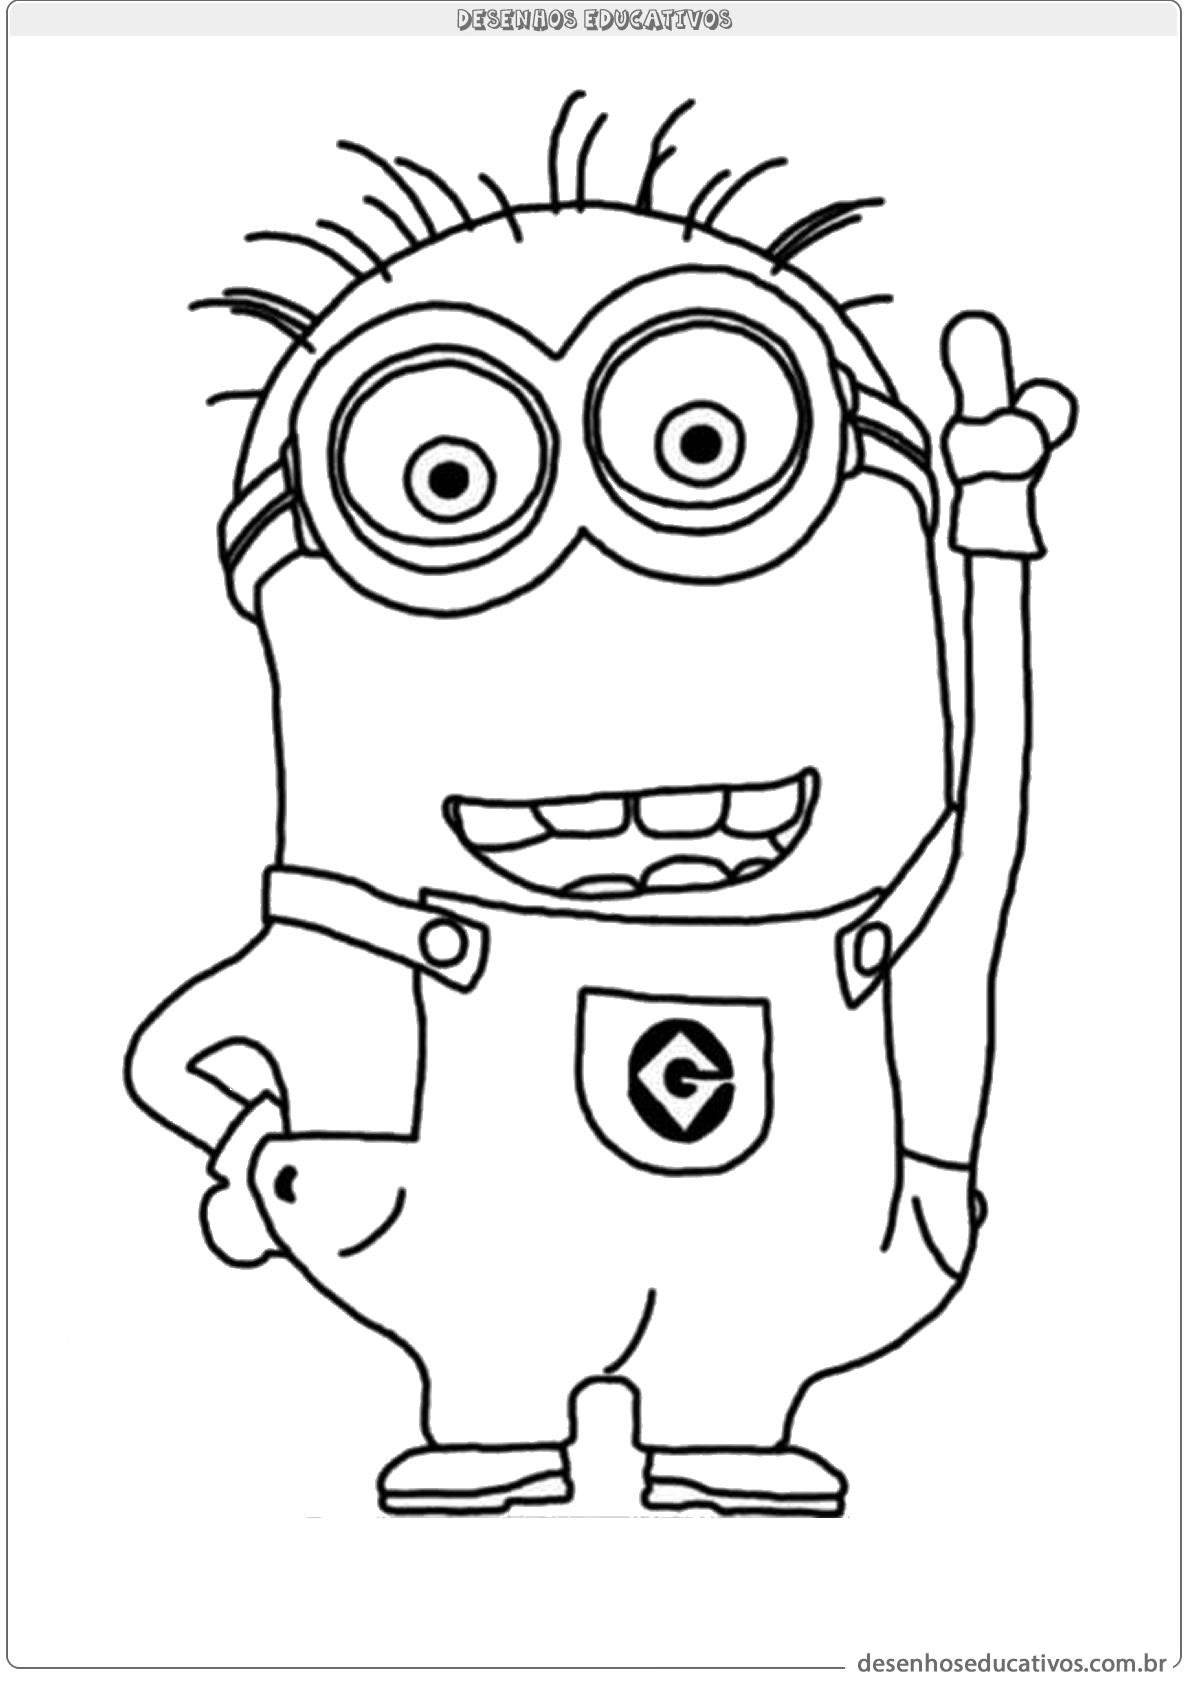 Desenhos Educativos Para Colorir Do Filme Minions Desenhos